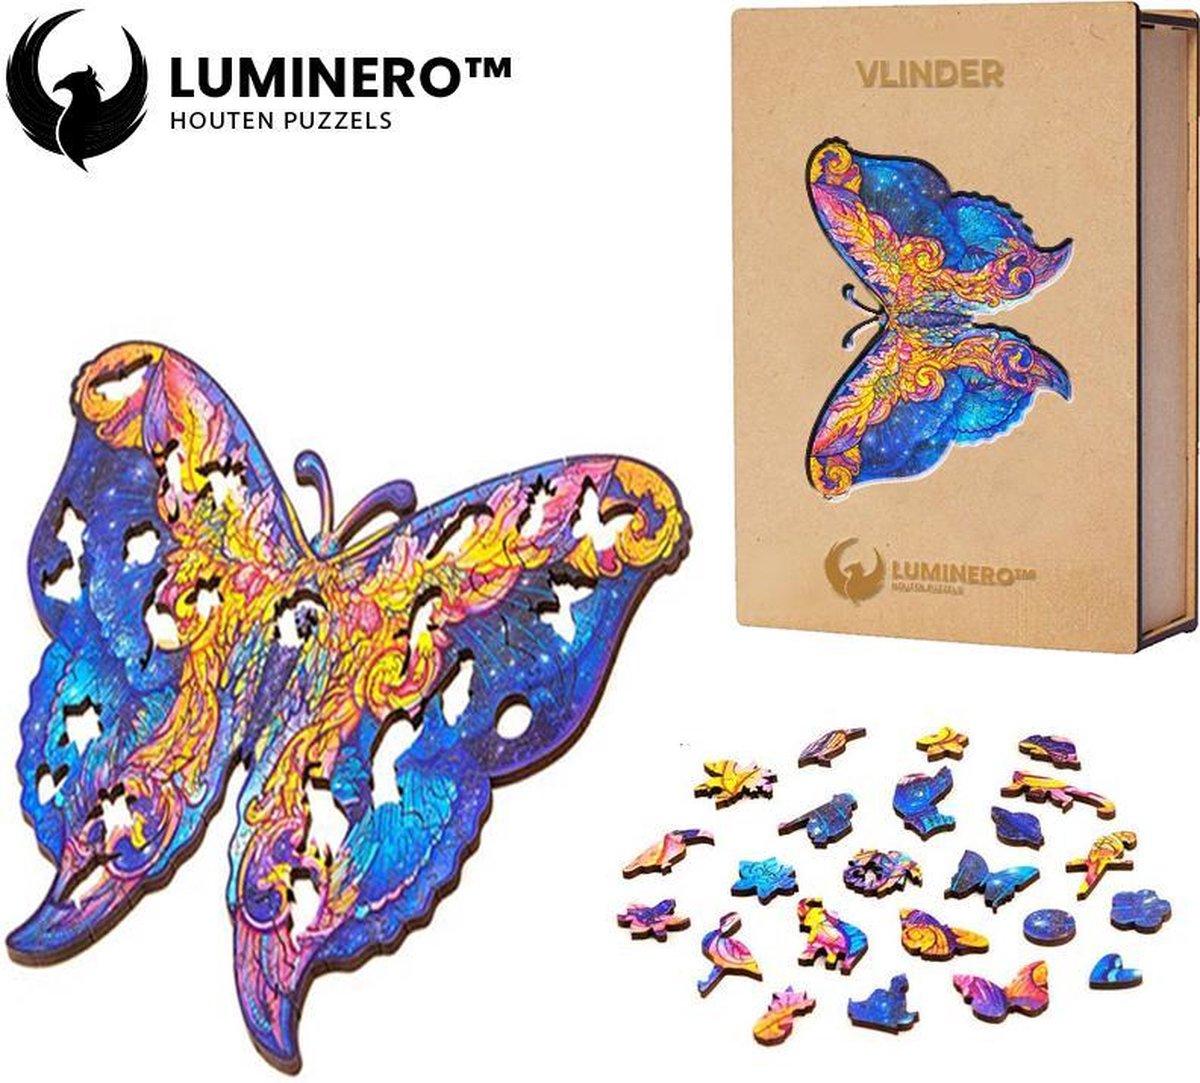 Luminero™ Houten Vlinder Jigsaw Puzzel - A4 Formaat Jigsaw - Unieke 3D Puzzels - Huisdecoratie - Wooden Puzzle - Volwassenen & Kinderen - Incl. Houten Doos